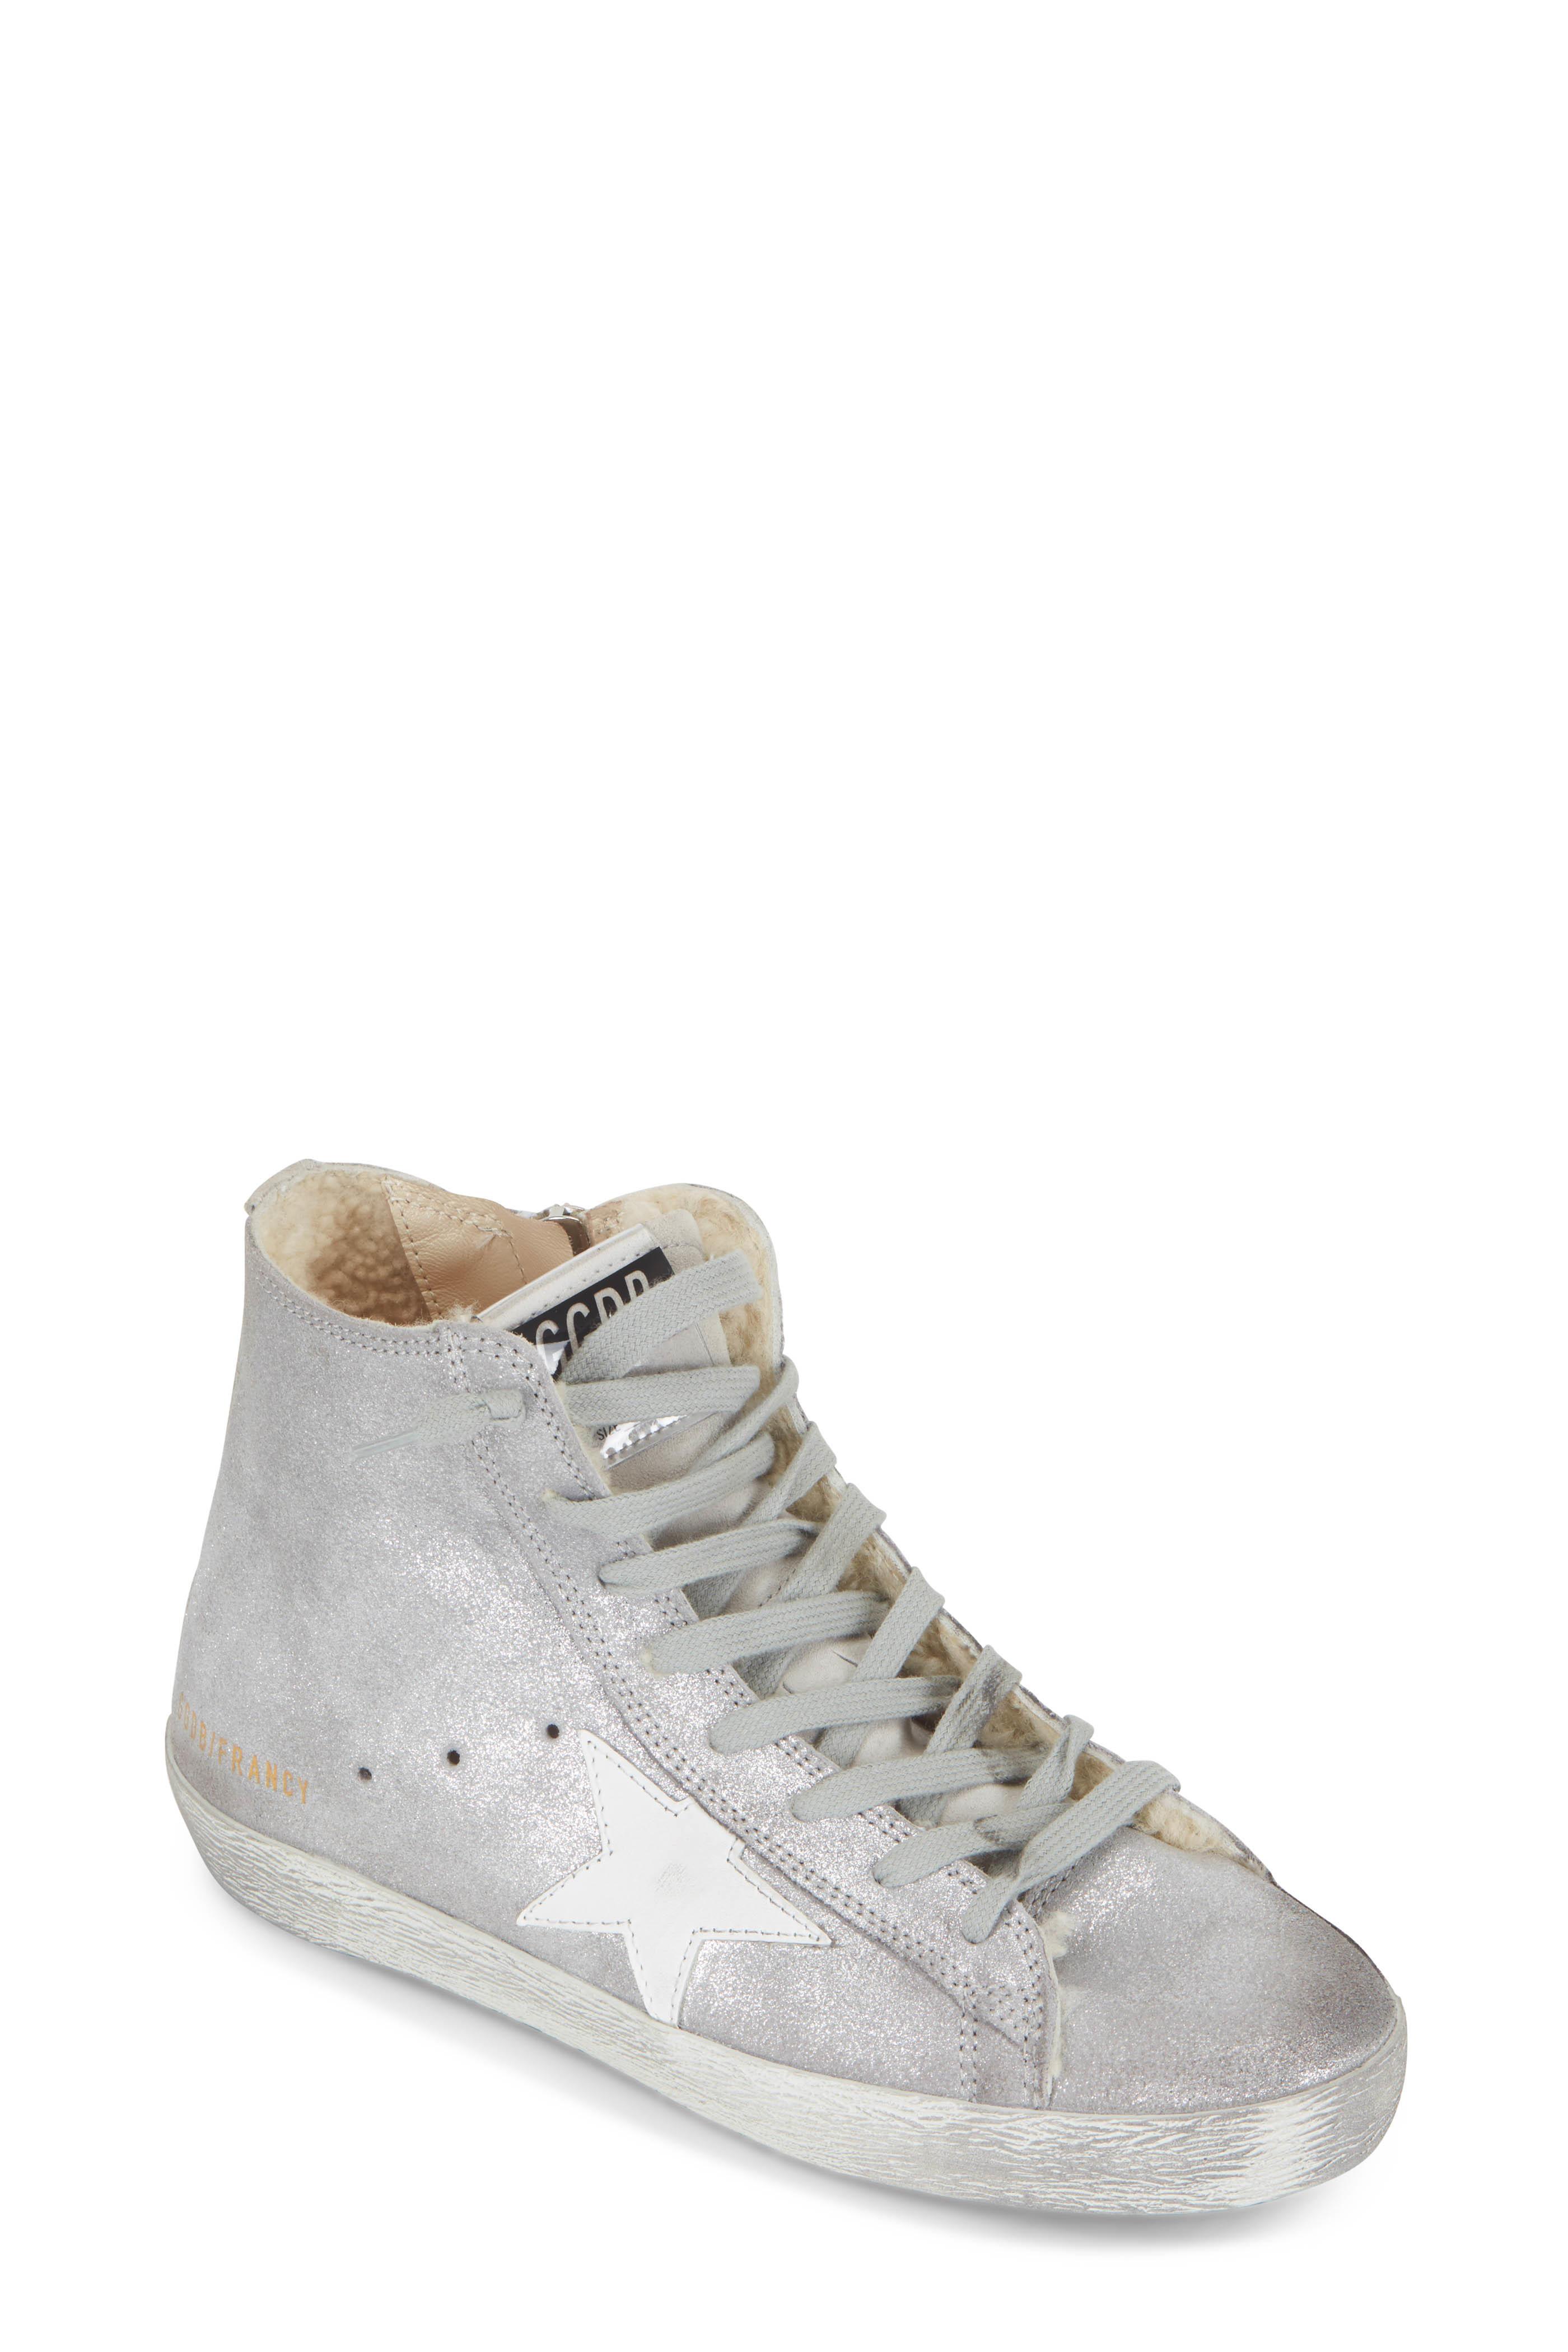 Golden Goose - Francy Silver Glitter Suede   Shearling Sneaker ... ea7f46f6d2d